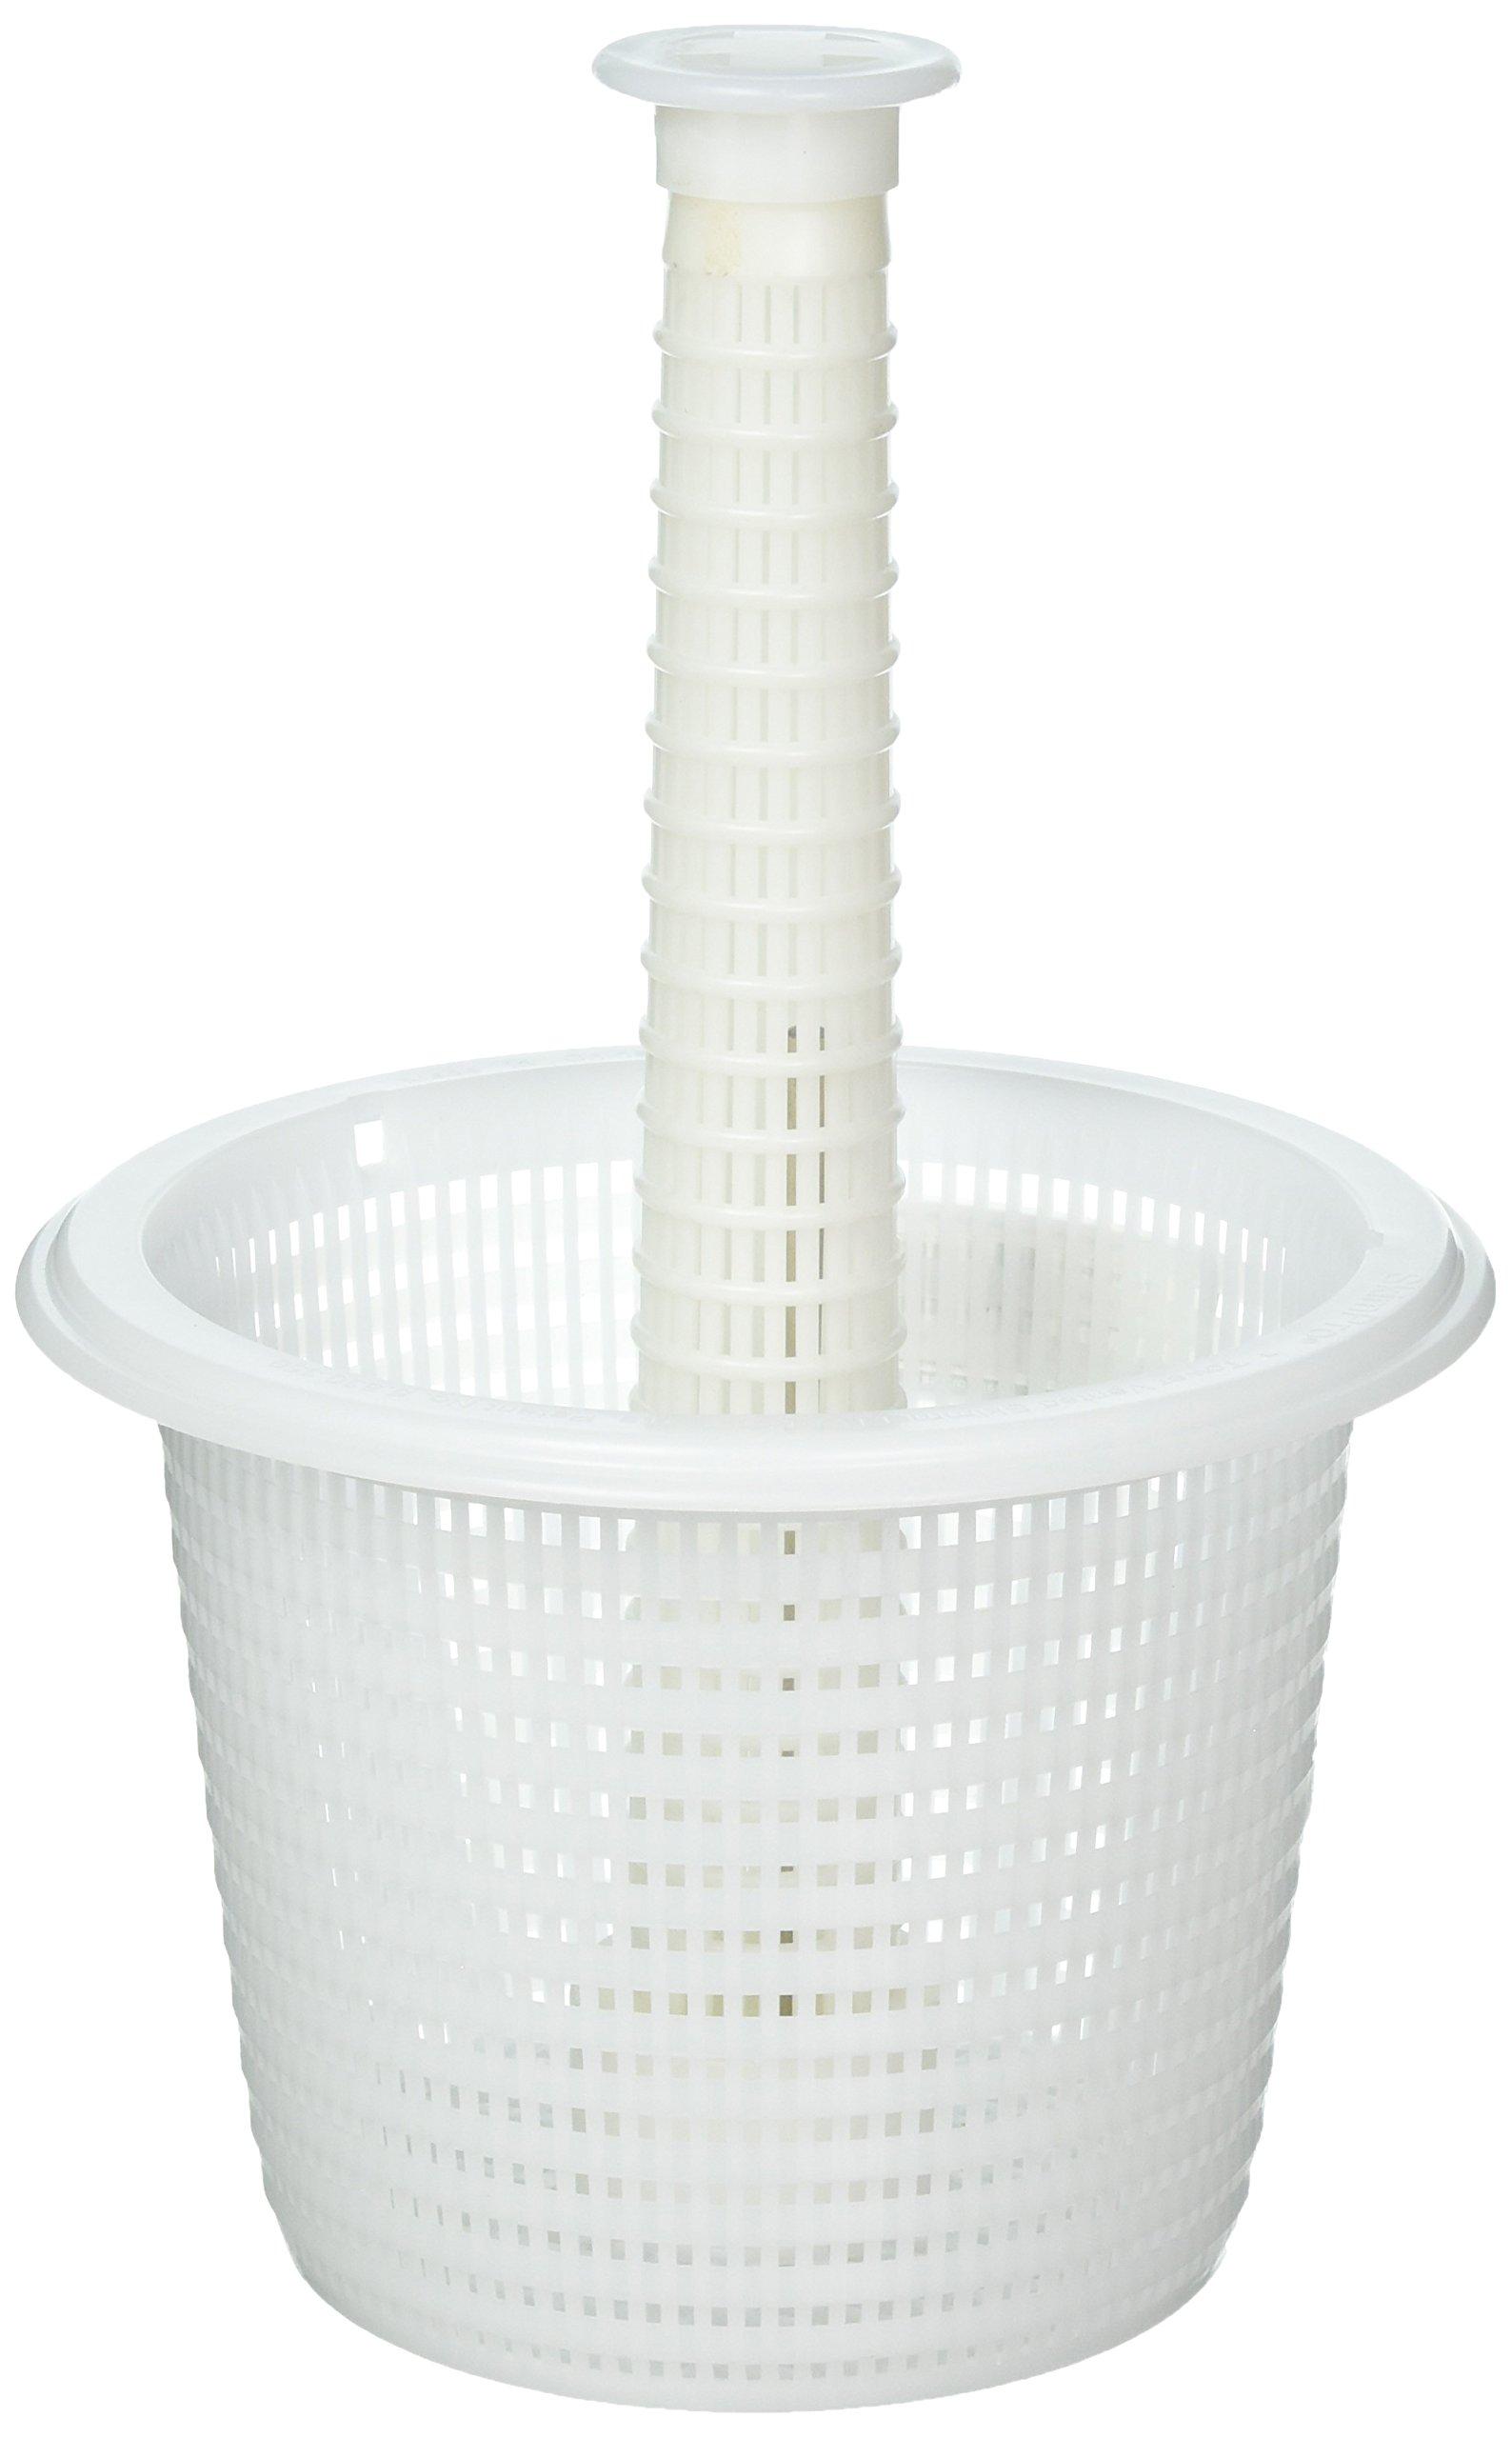 SkimPro V000334370 Skimmer Basket with Tower and Handle